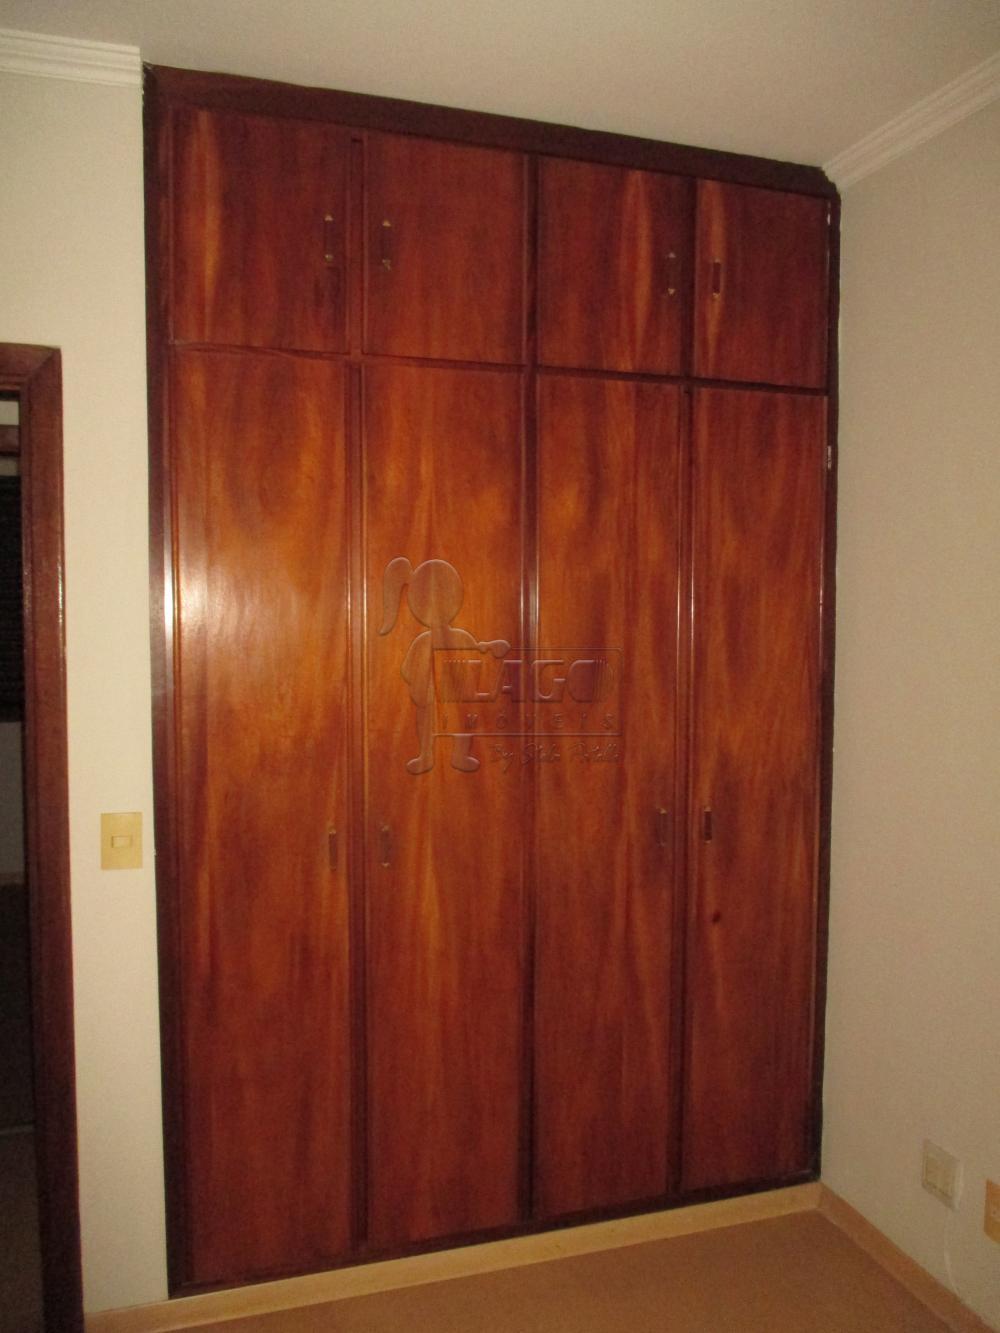 Comprar Apartamento / Padrão em Ribeirão Preto apenas R$ 371.000,00 - Foto 17